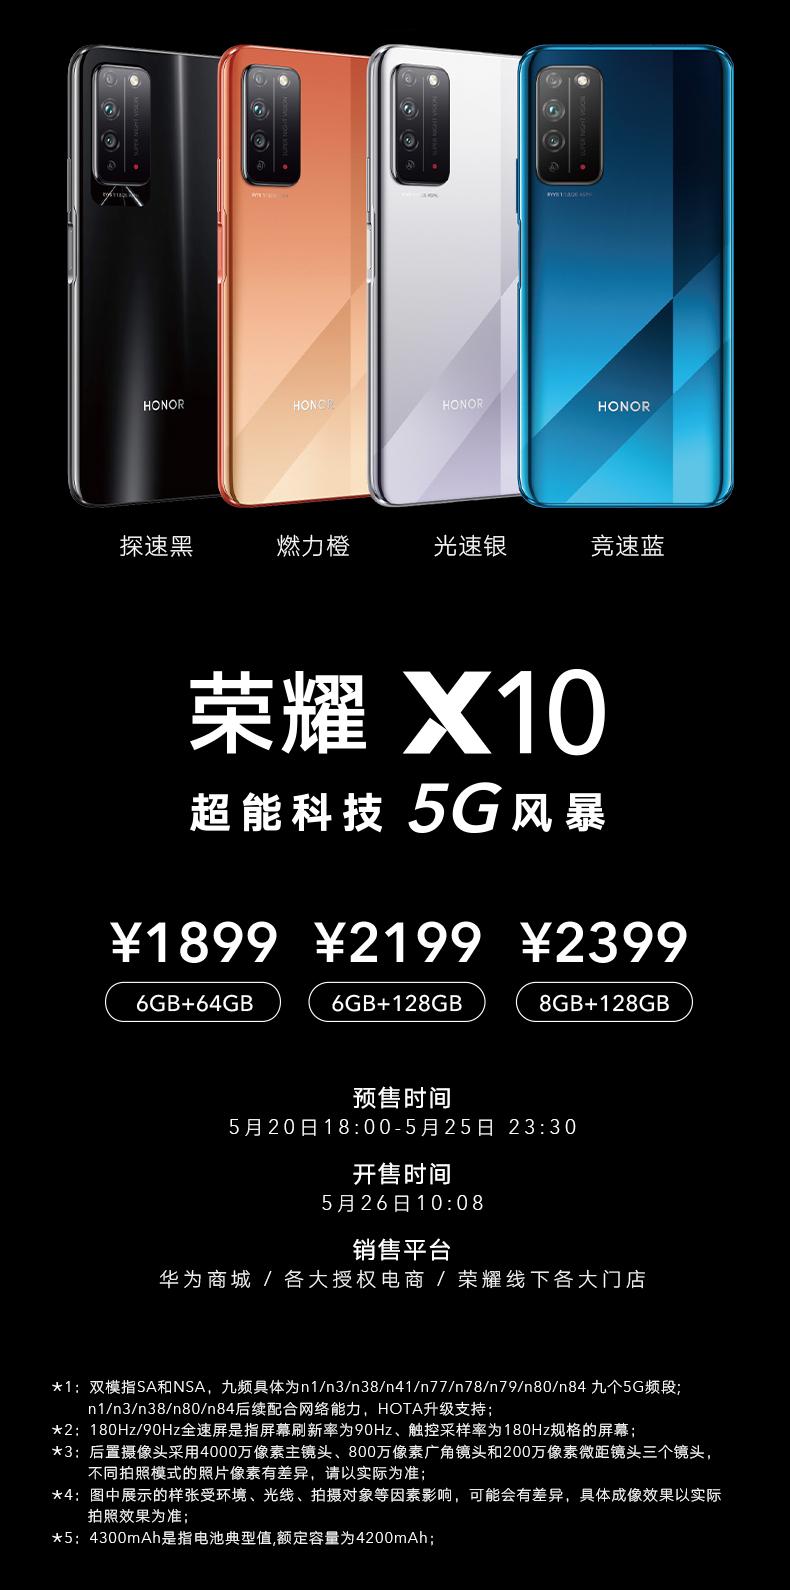 荣耀x10_11.jpg